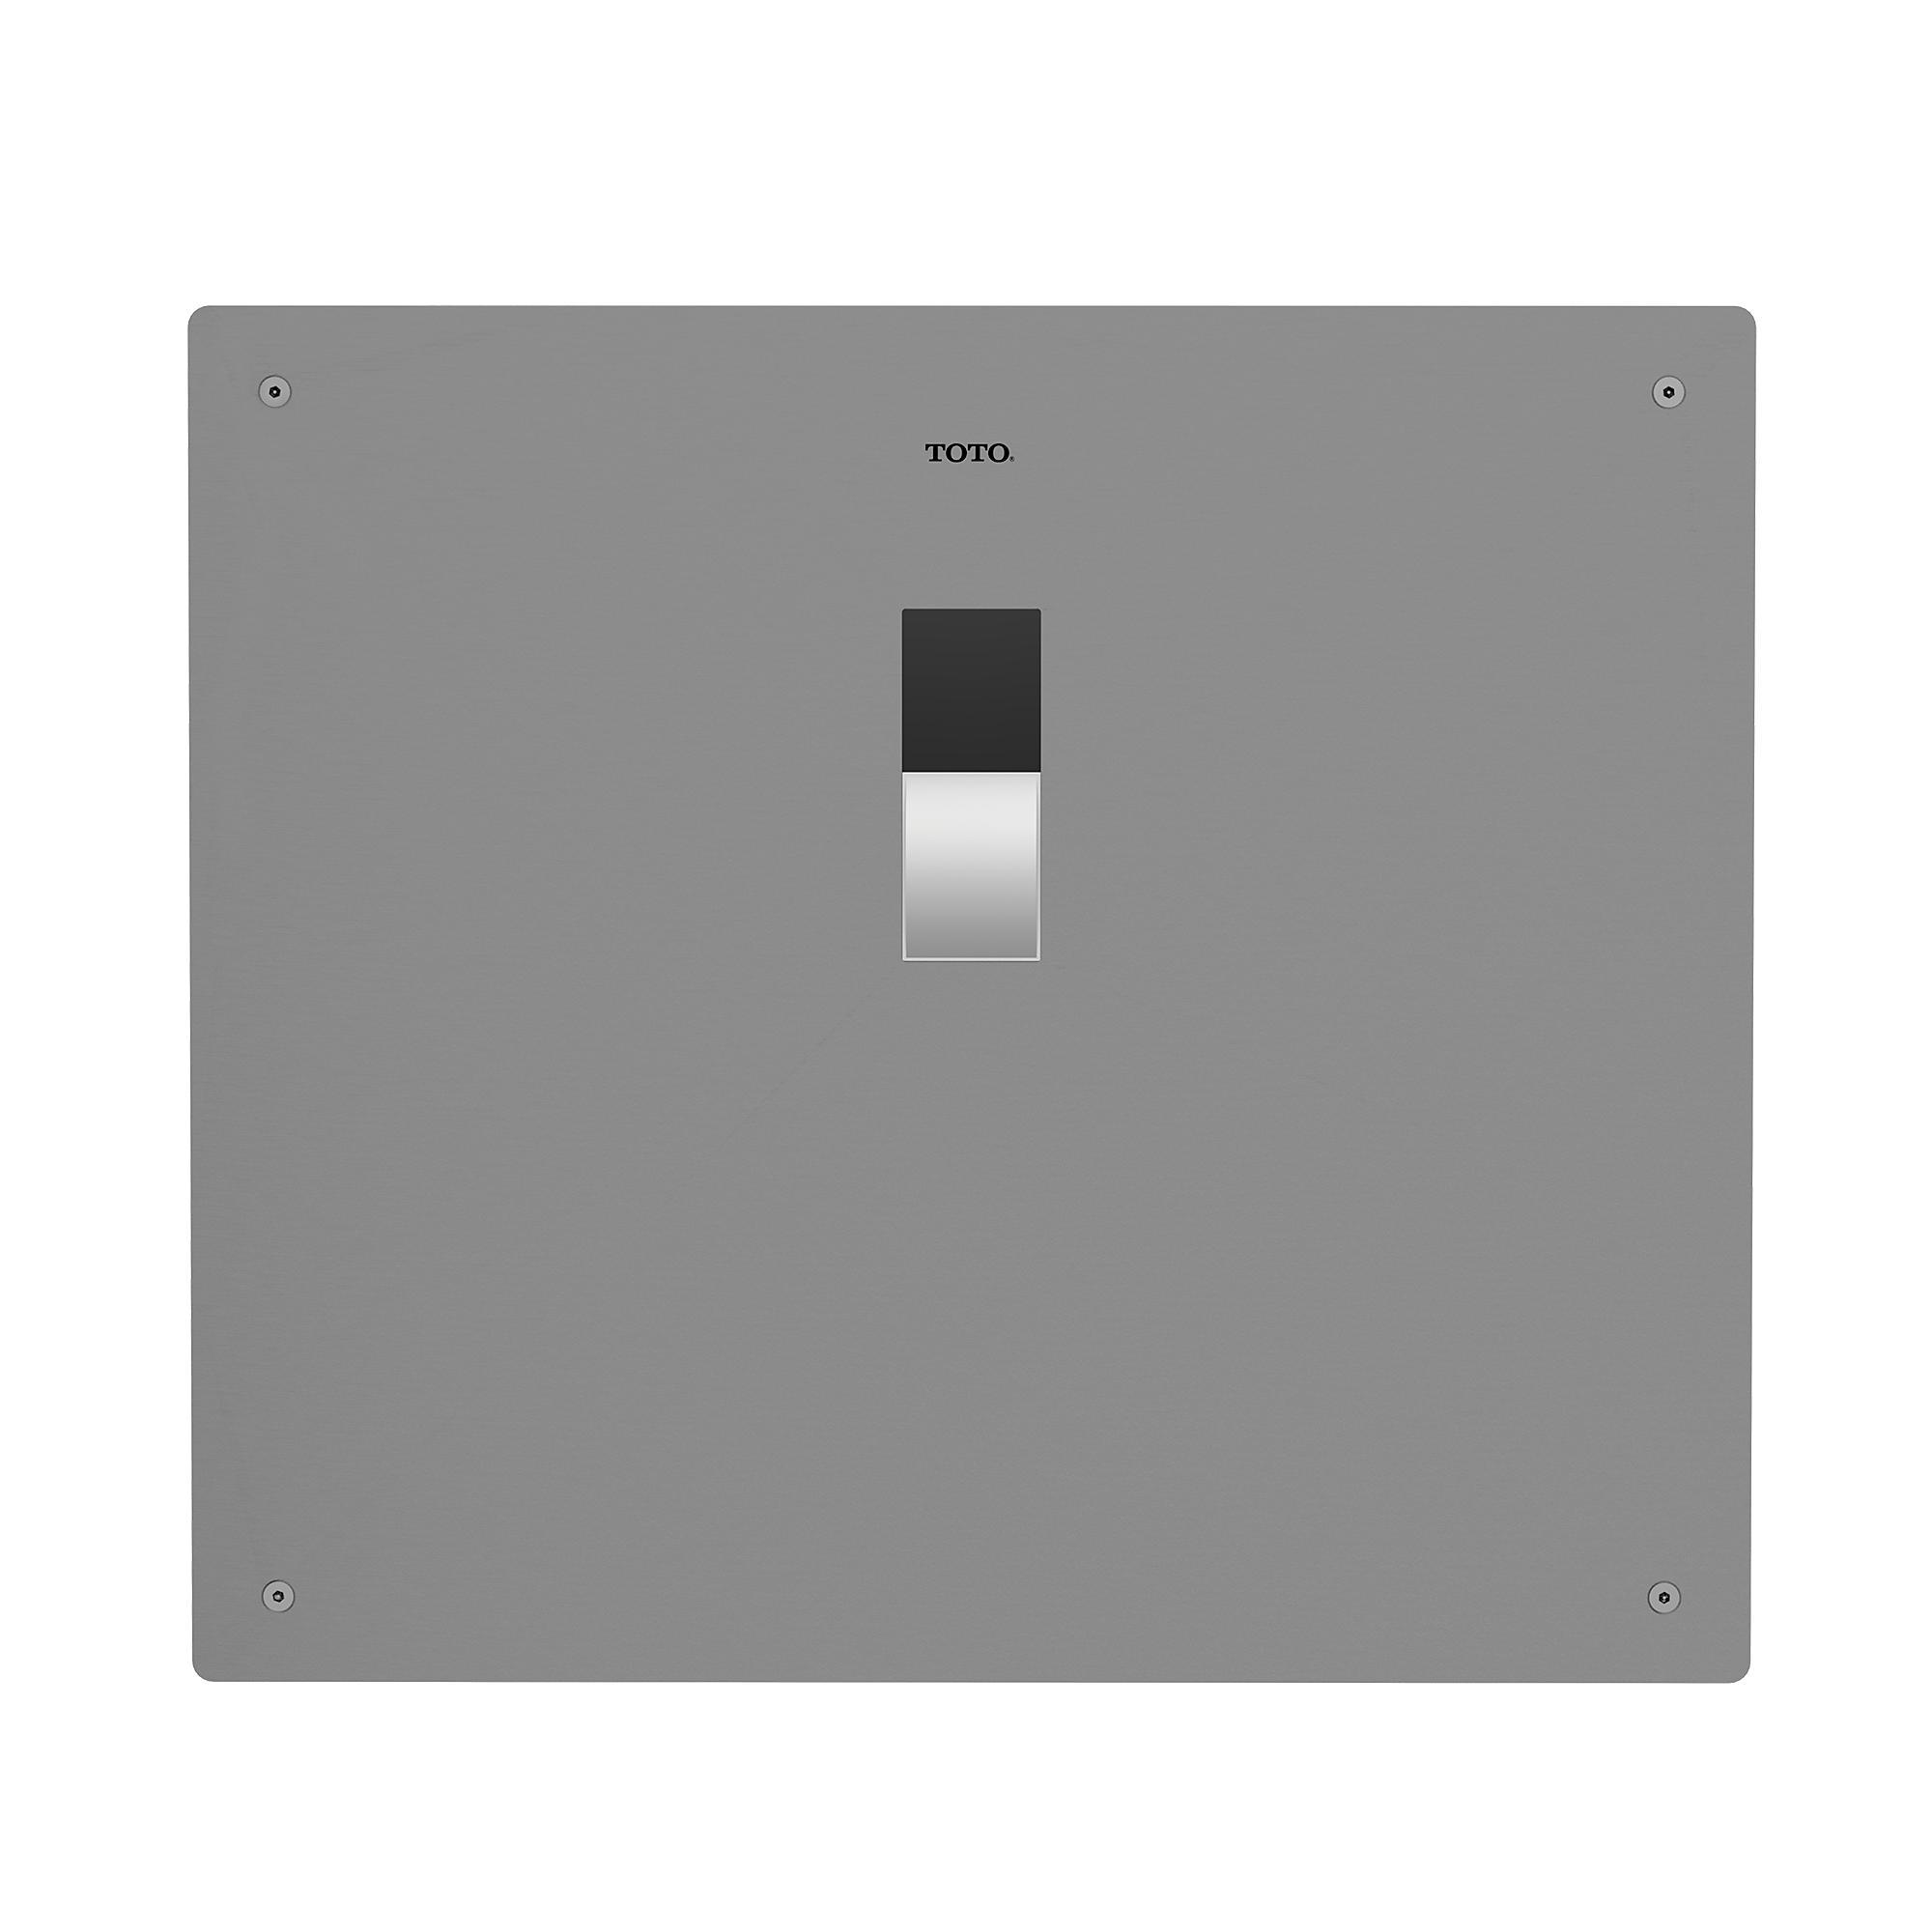 Tet2ga31 ss ecopower  concealed toilet flush valve   1 6 gpf  v b  set   back spud wall  0